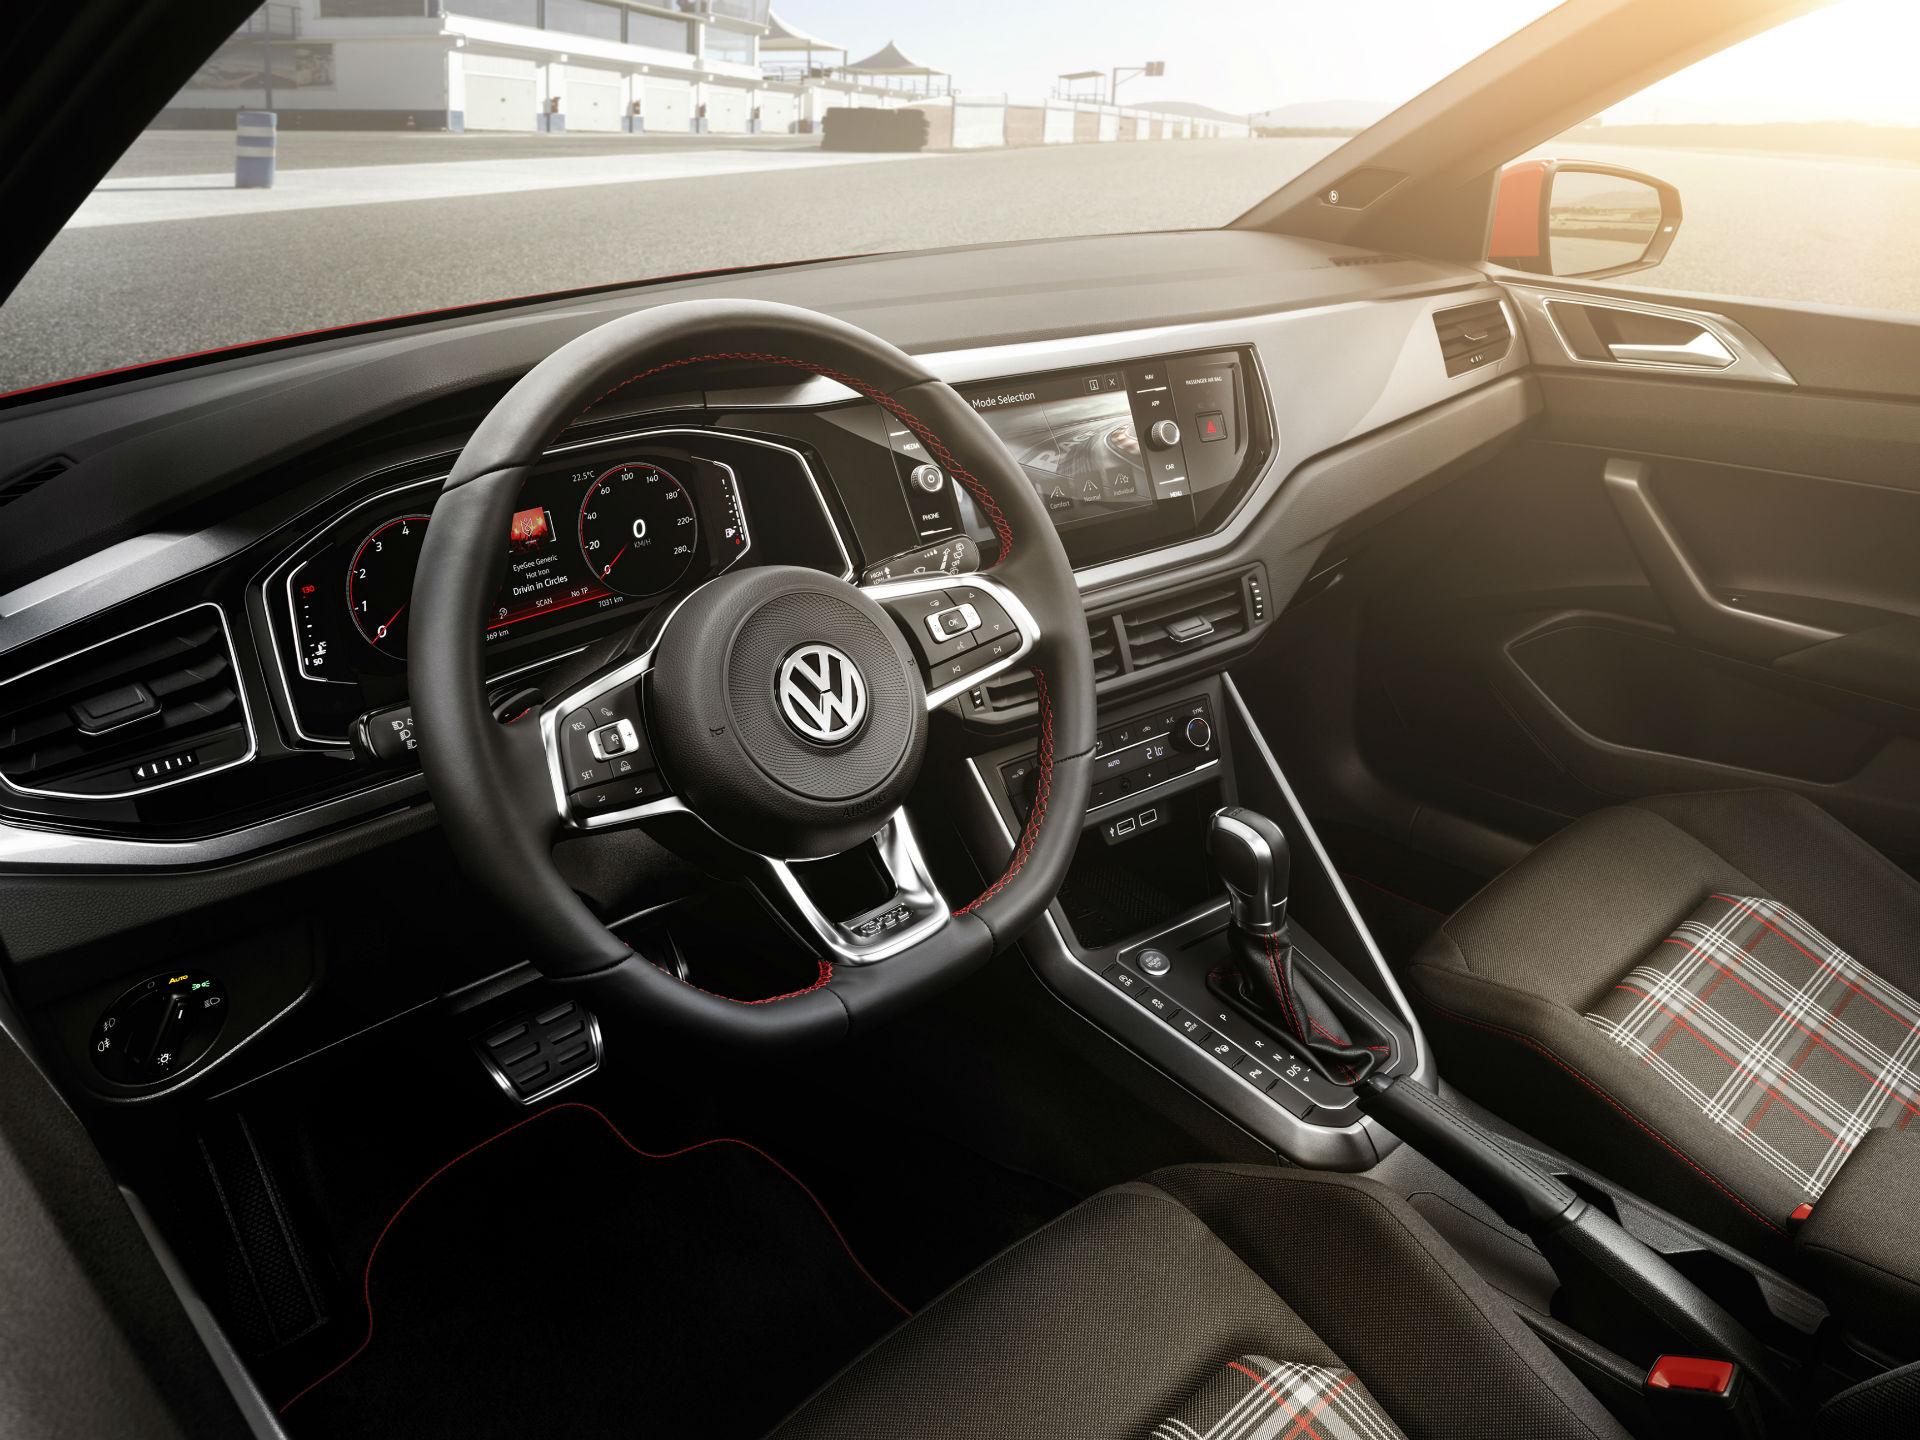 Como es costumbre, la versión GTI, tendrá los tradicionales propios de la firma, cual los asientos, emblemas alrededor del auto, un volante deportivo y doscientos caballos de fuerza. Foto: Volkswagen